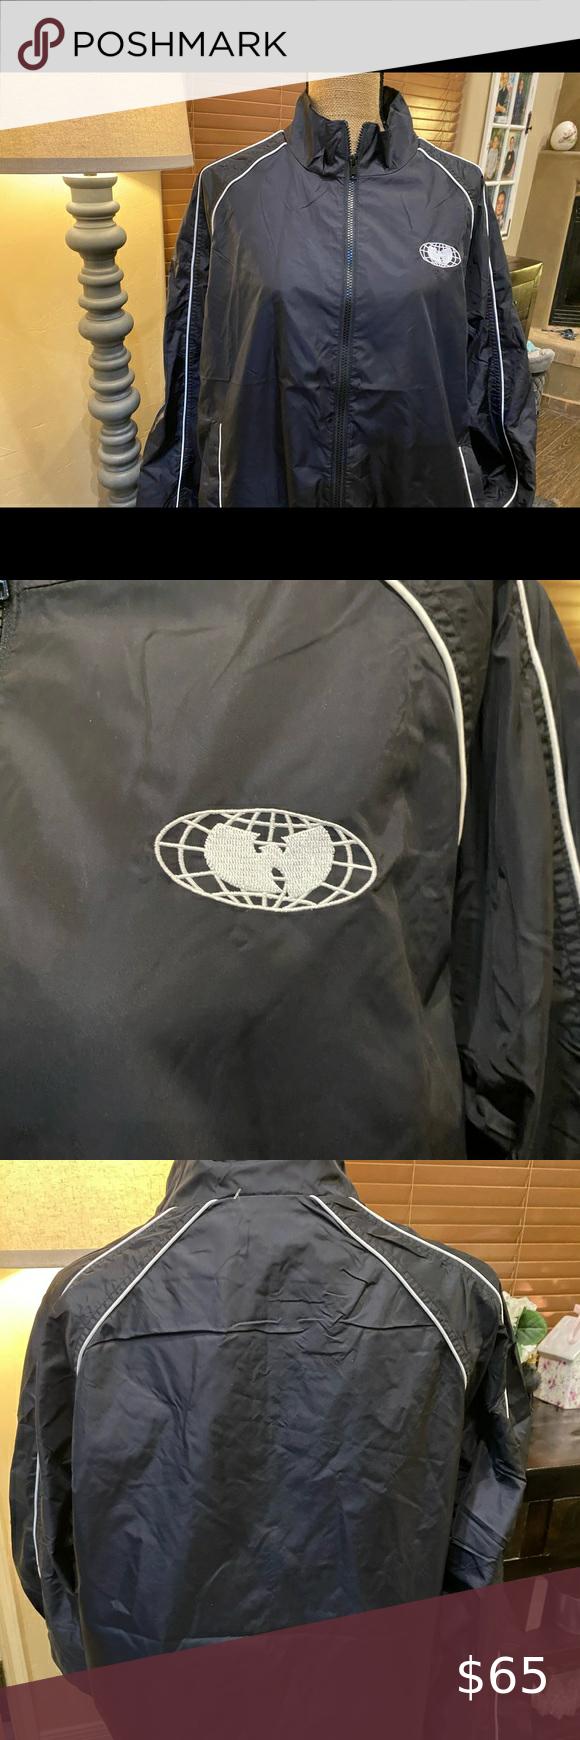 Wu Wear Wu Tang Jacket Wu Wear Wu Tang Jacket Brand New Wu Wear Windbreaker Jacket Smoke Free Home Wuwear Wutang Hiphop How To Wear Jacket Brands Jackets [ 1740 x 580 Pixel ]